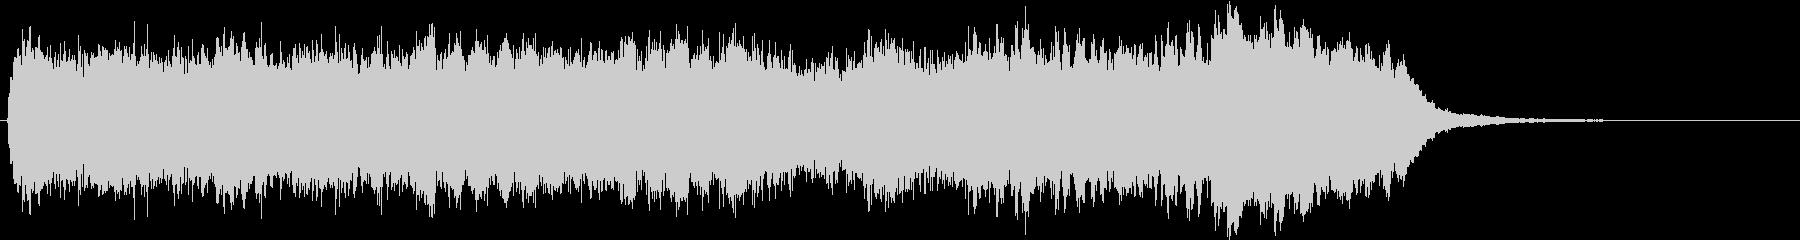 ブラスアンサンブルの王宮のサウンドロゴの未再生の波形